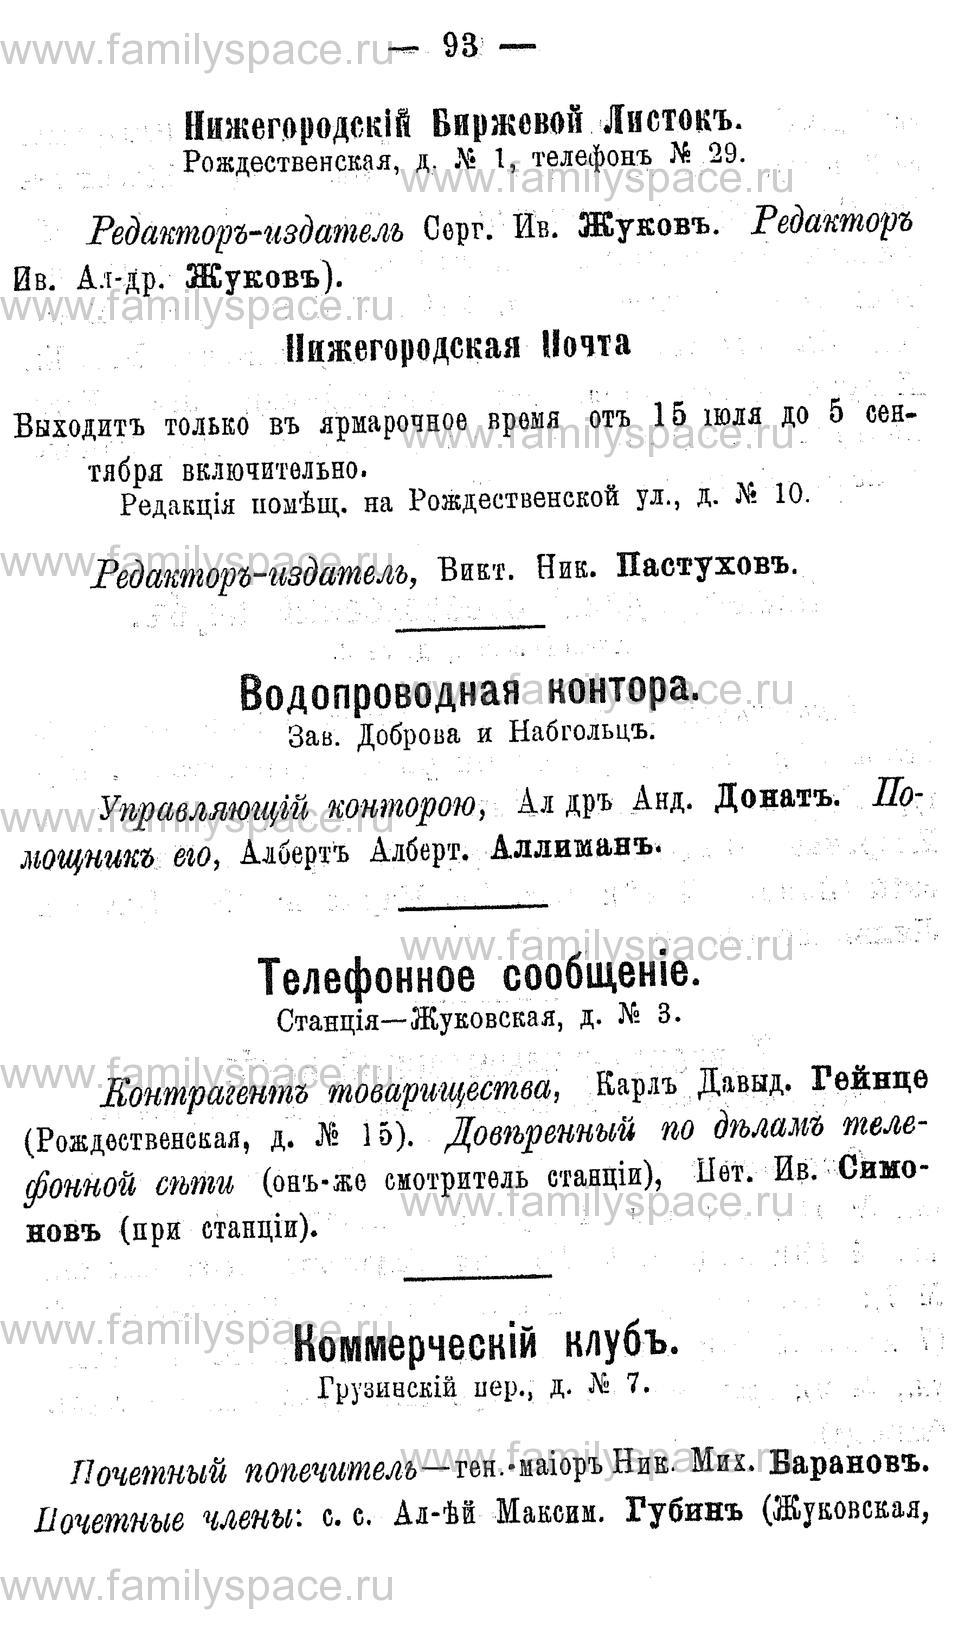 Поиск по фамилии - Адрес-календарь Нижегородской губернии на 1891 год, страница 93